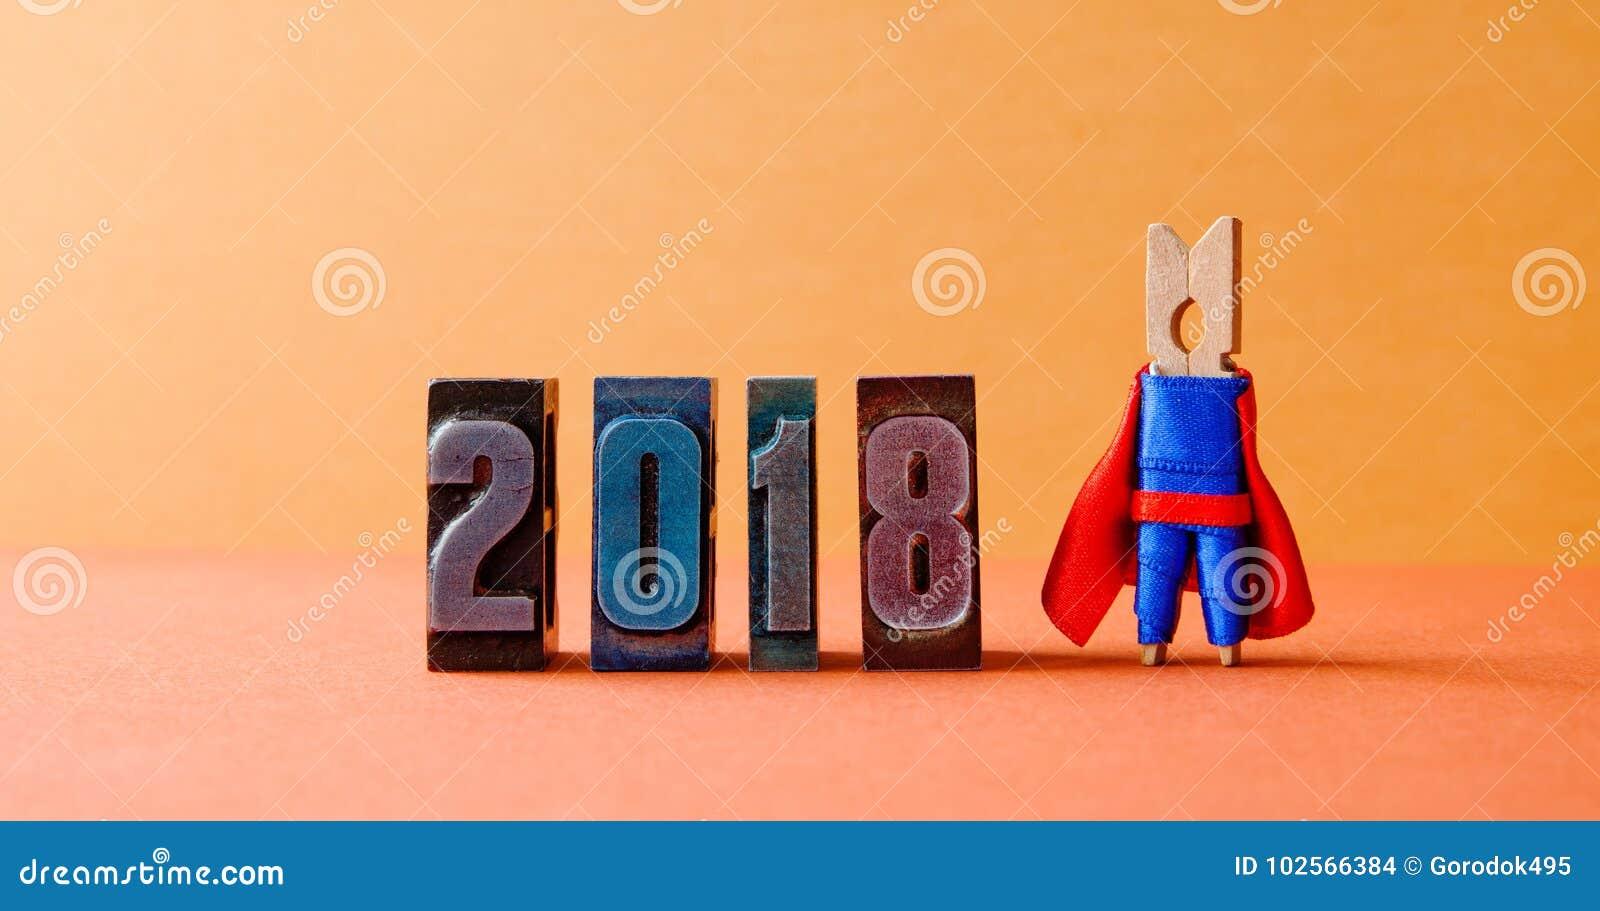 超级成功的2018新年卡片 摆在葡萄酒活版数字的勇敢的超级英雄领导 美丽的晒衣夹